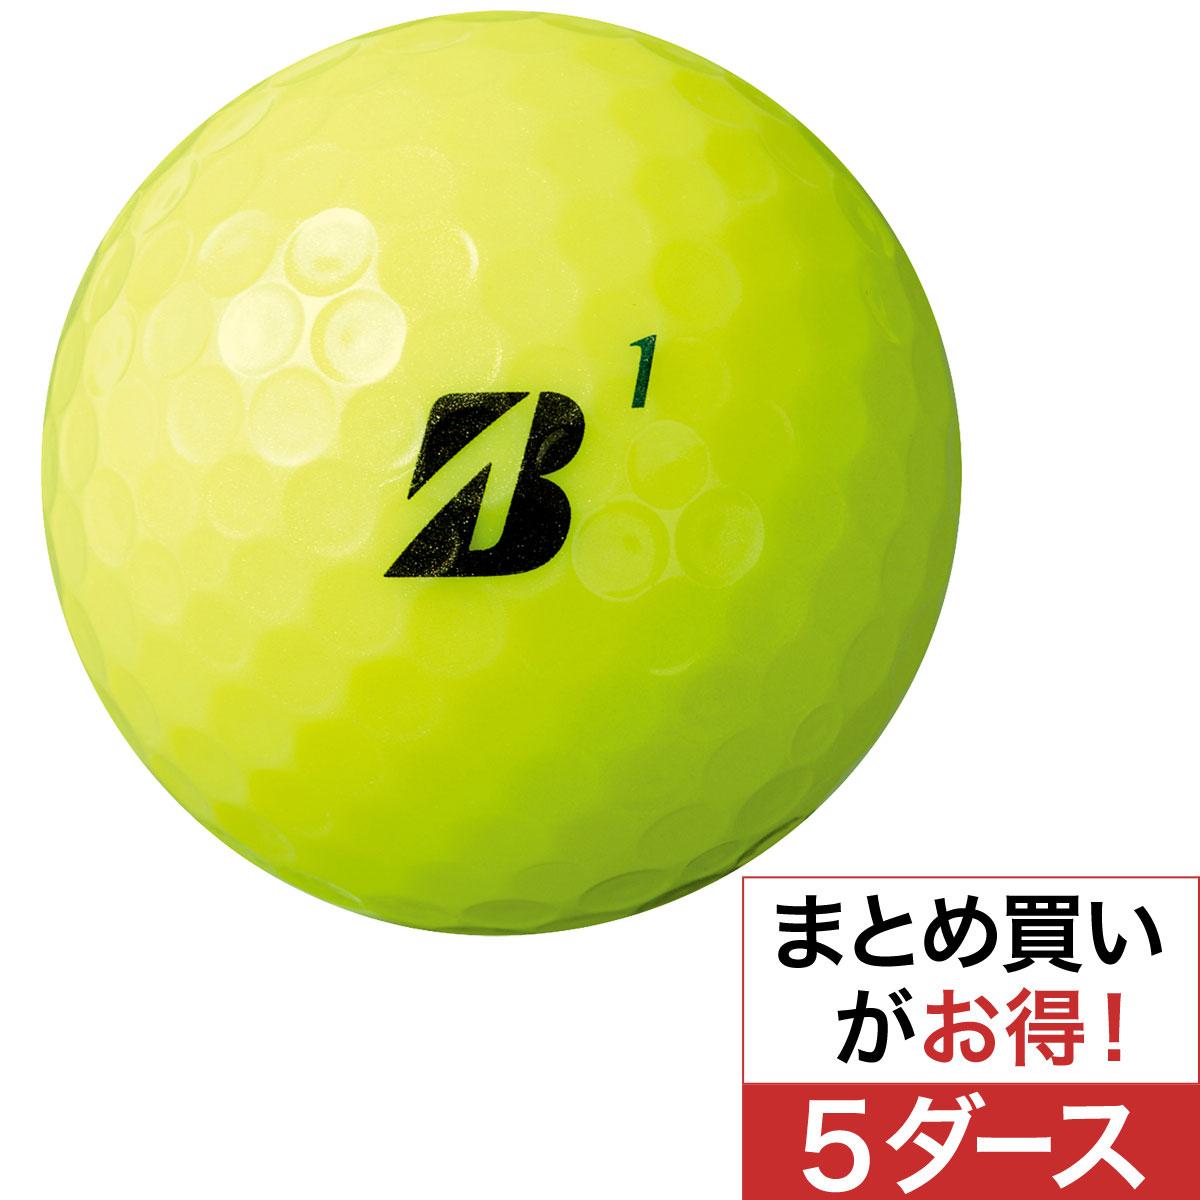 TOUR B XS ボール 5ダースセット【オンネームサービス有り】(文字色:黒のみ)【2020年2月21日発売予定】